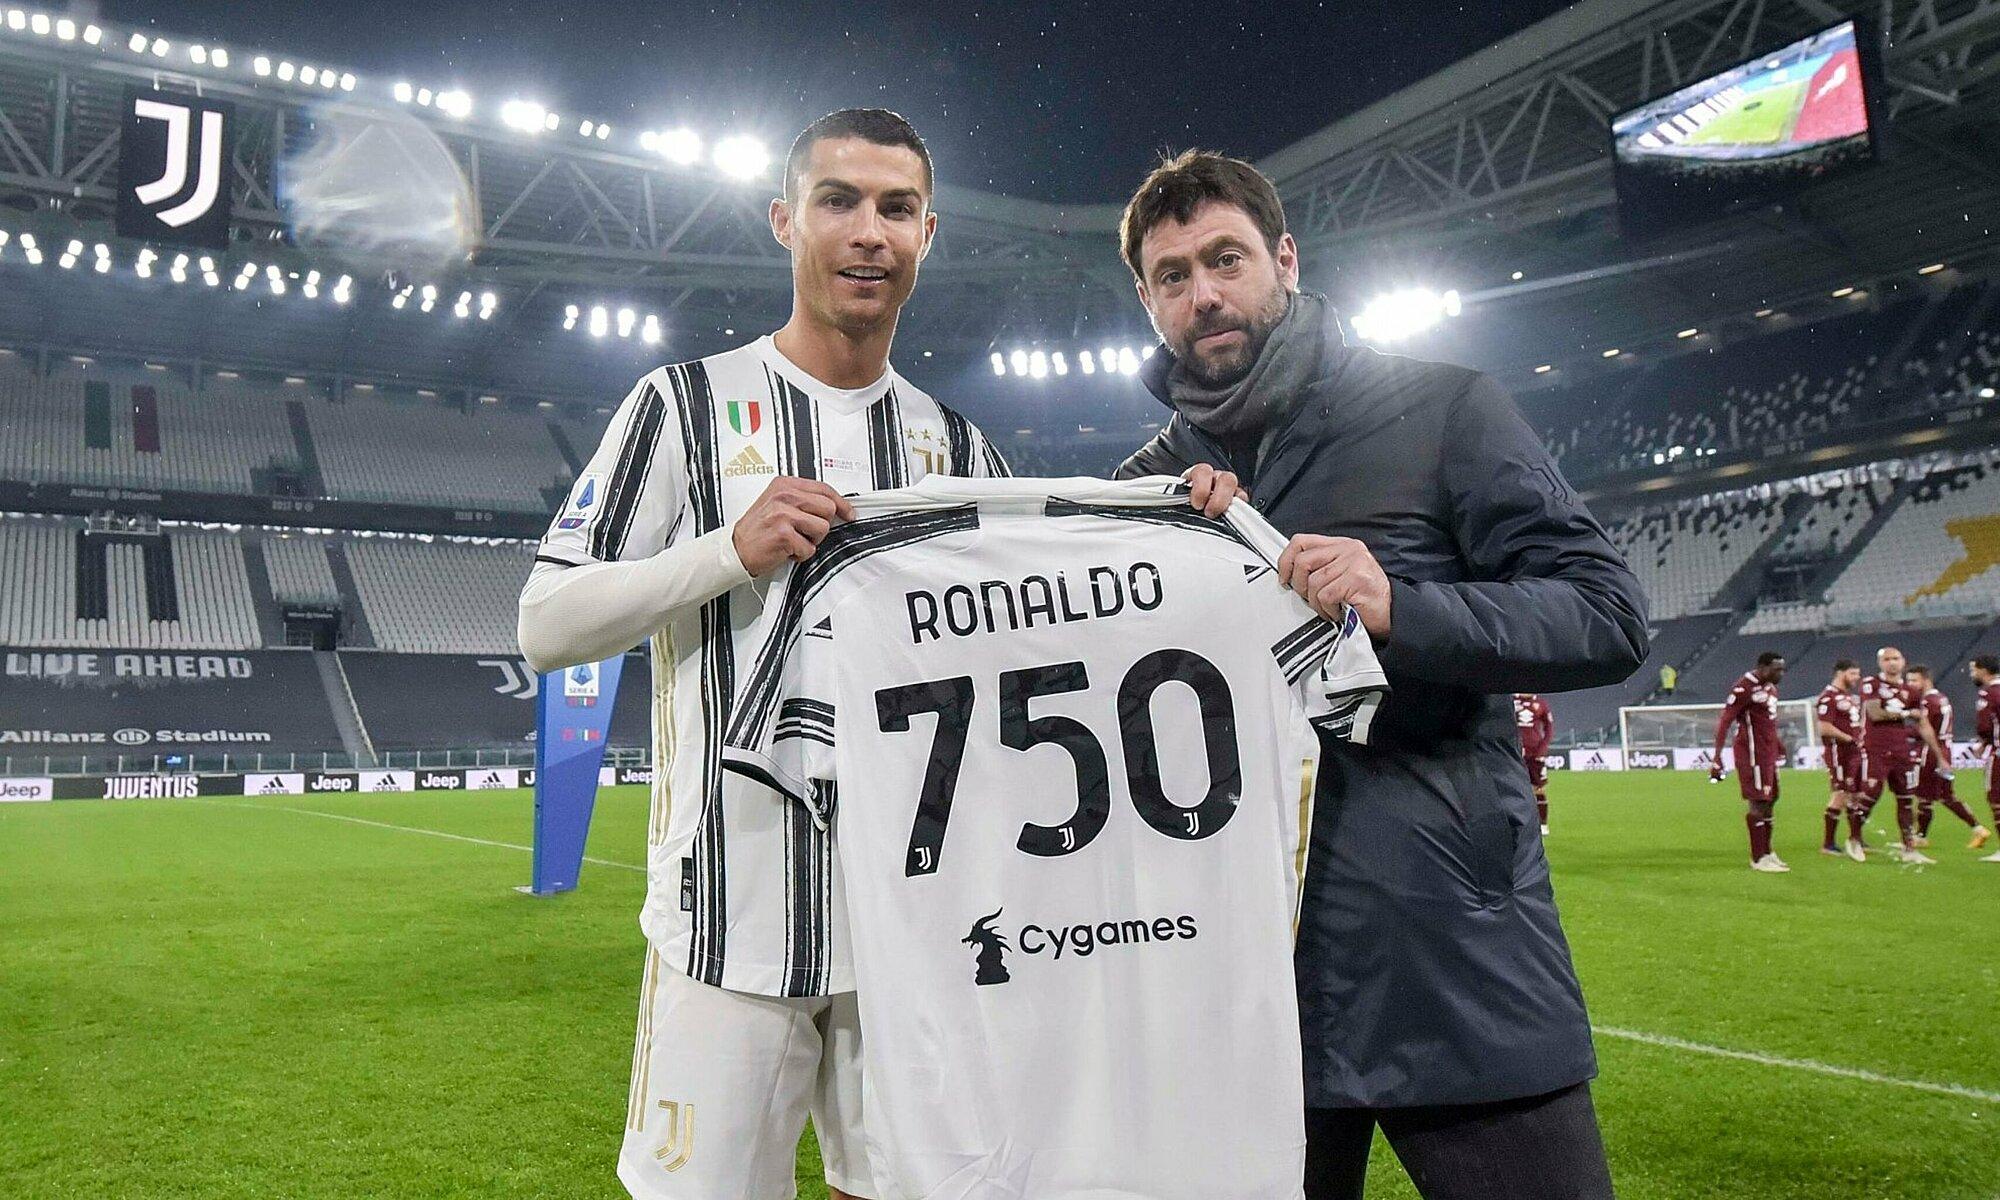 Ronaldo dan Juventus belum mewujudkan impian untuk memenangkan Liga Champions bersama.